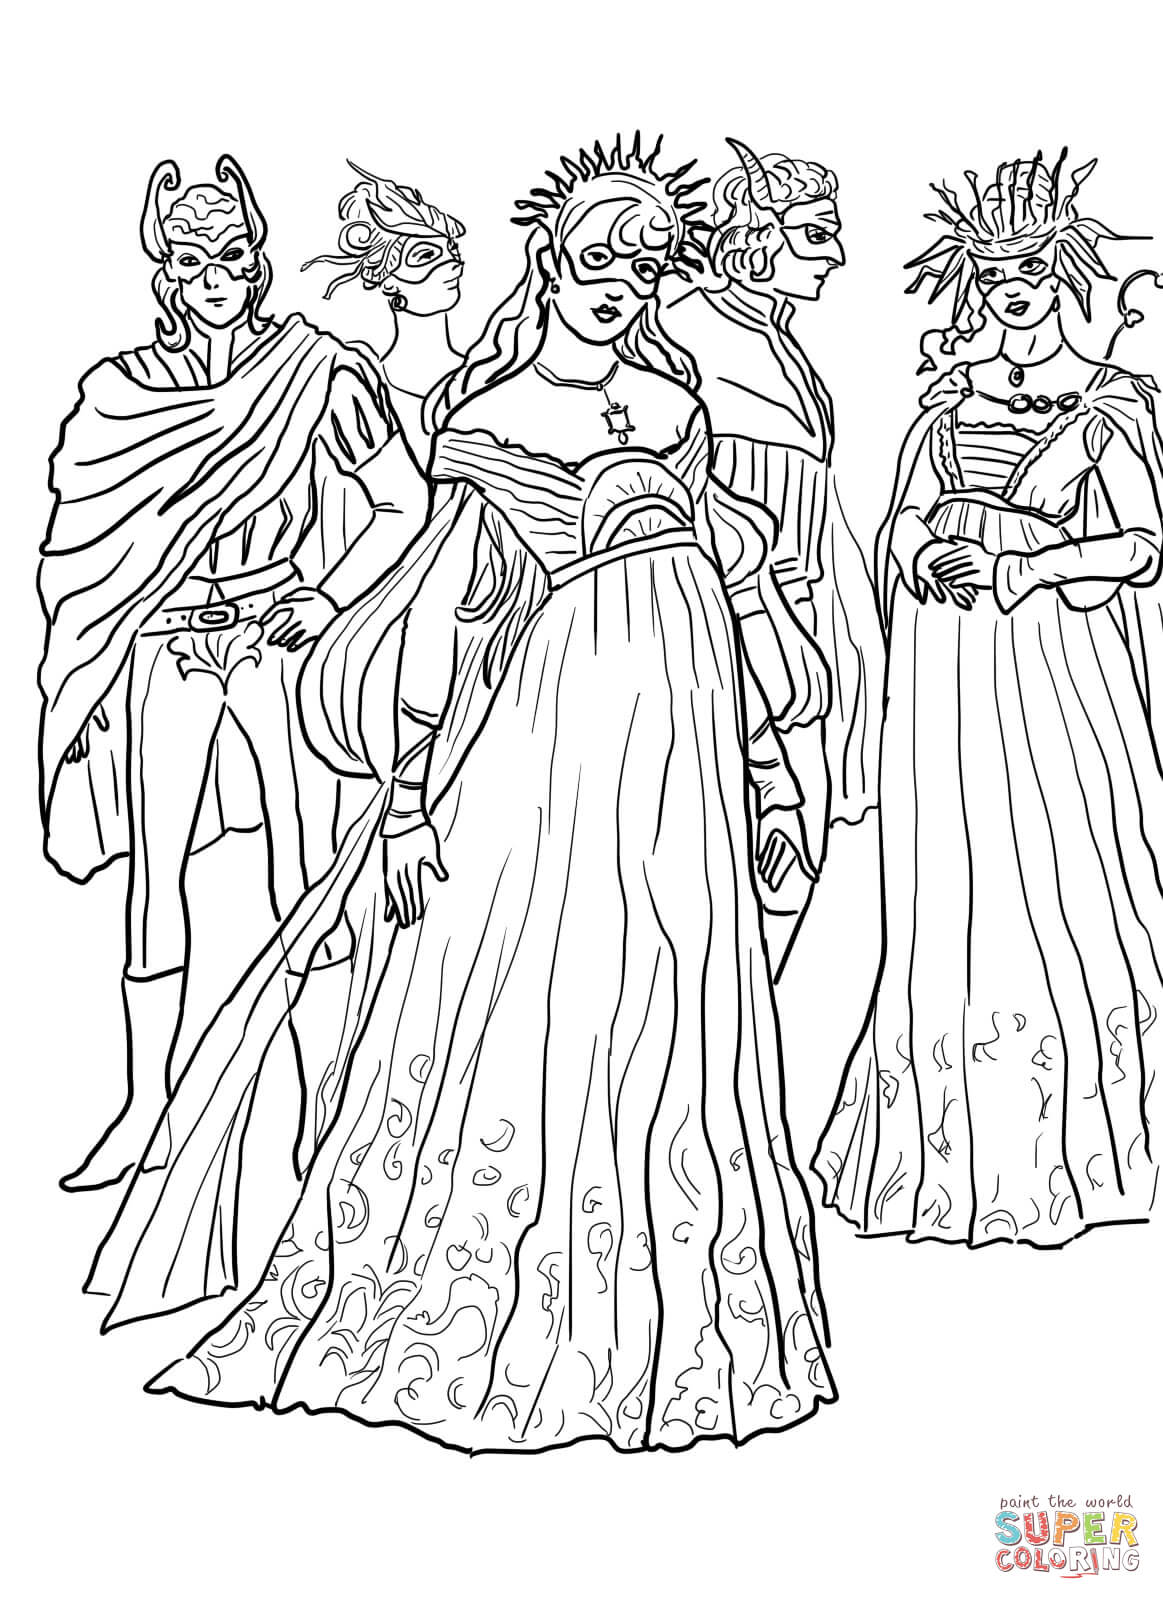 Dibujo de Romeo y Julieta, Baile de Máscaras para colorear